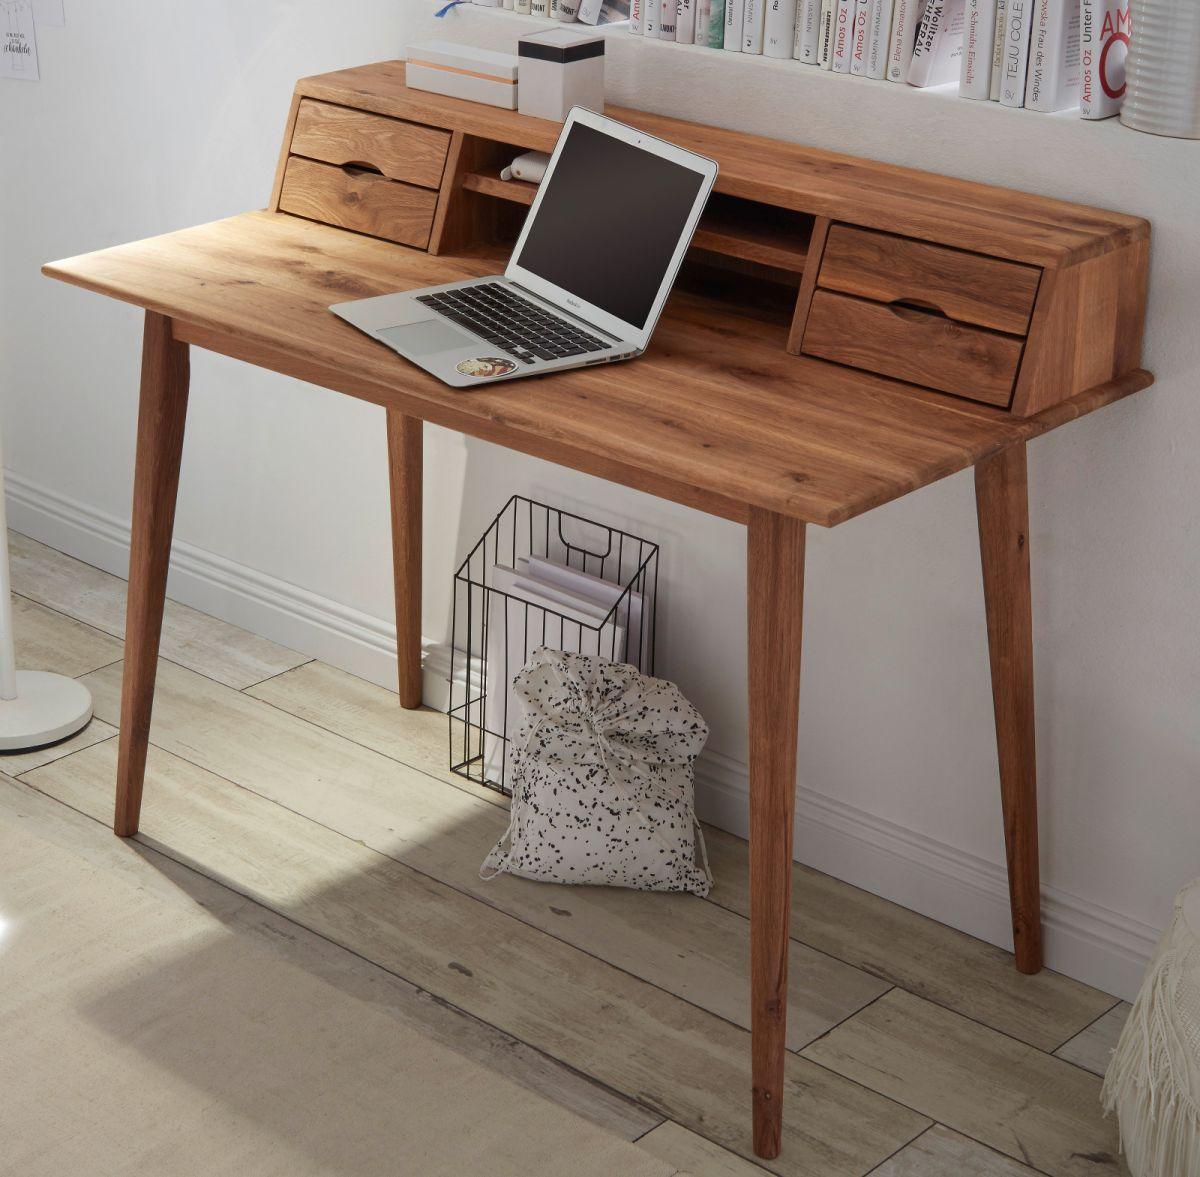 Schreibtisch Melbourne in Asteiche massiv geölt 110 cm